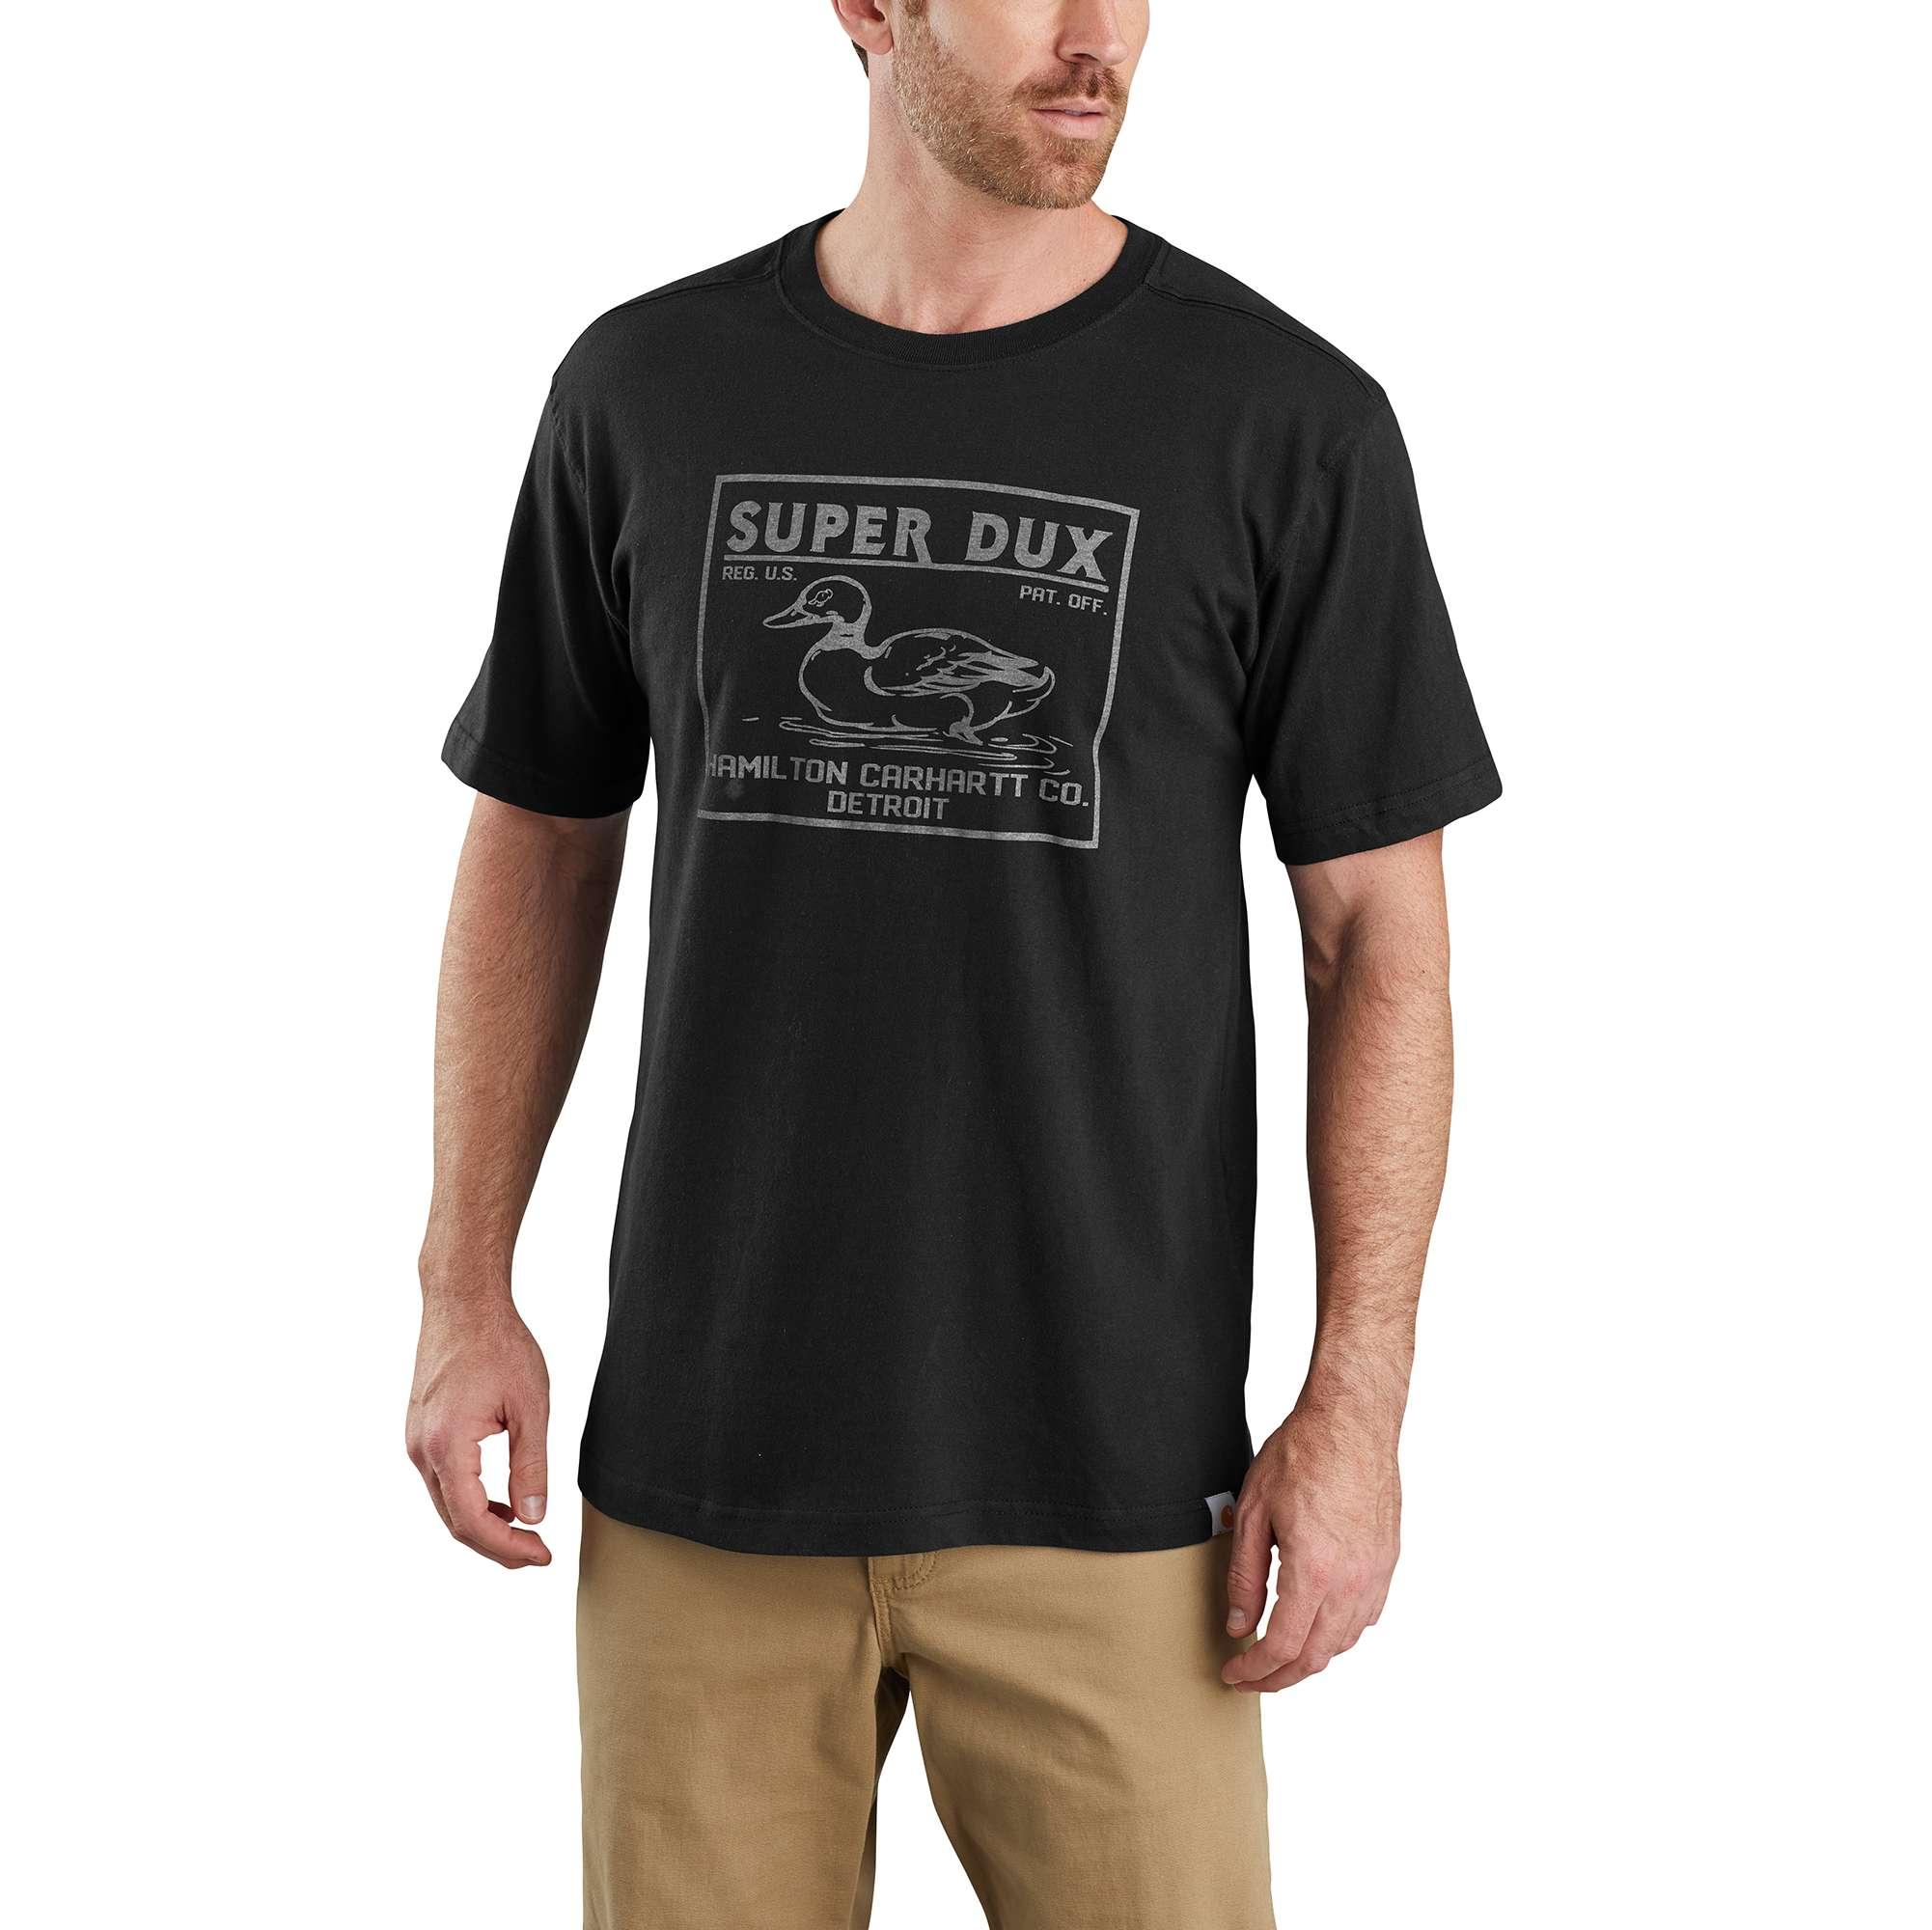 Carhartt Superdux Graphic Short-Sleeve T-Shirt